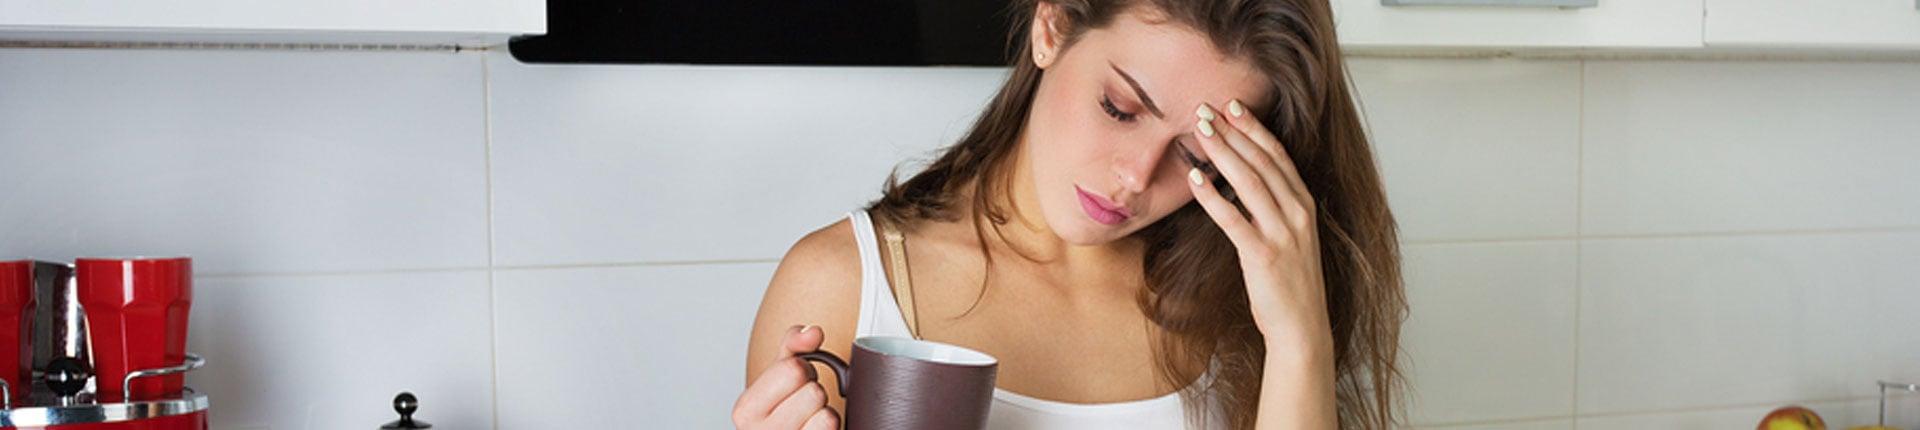 Czy brak kawy i kofeiny może powodować ból głowy?